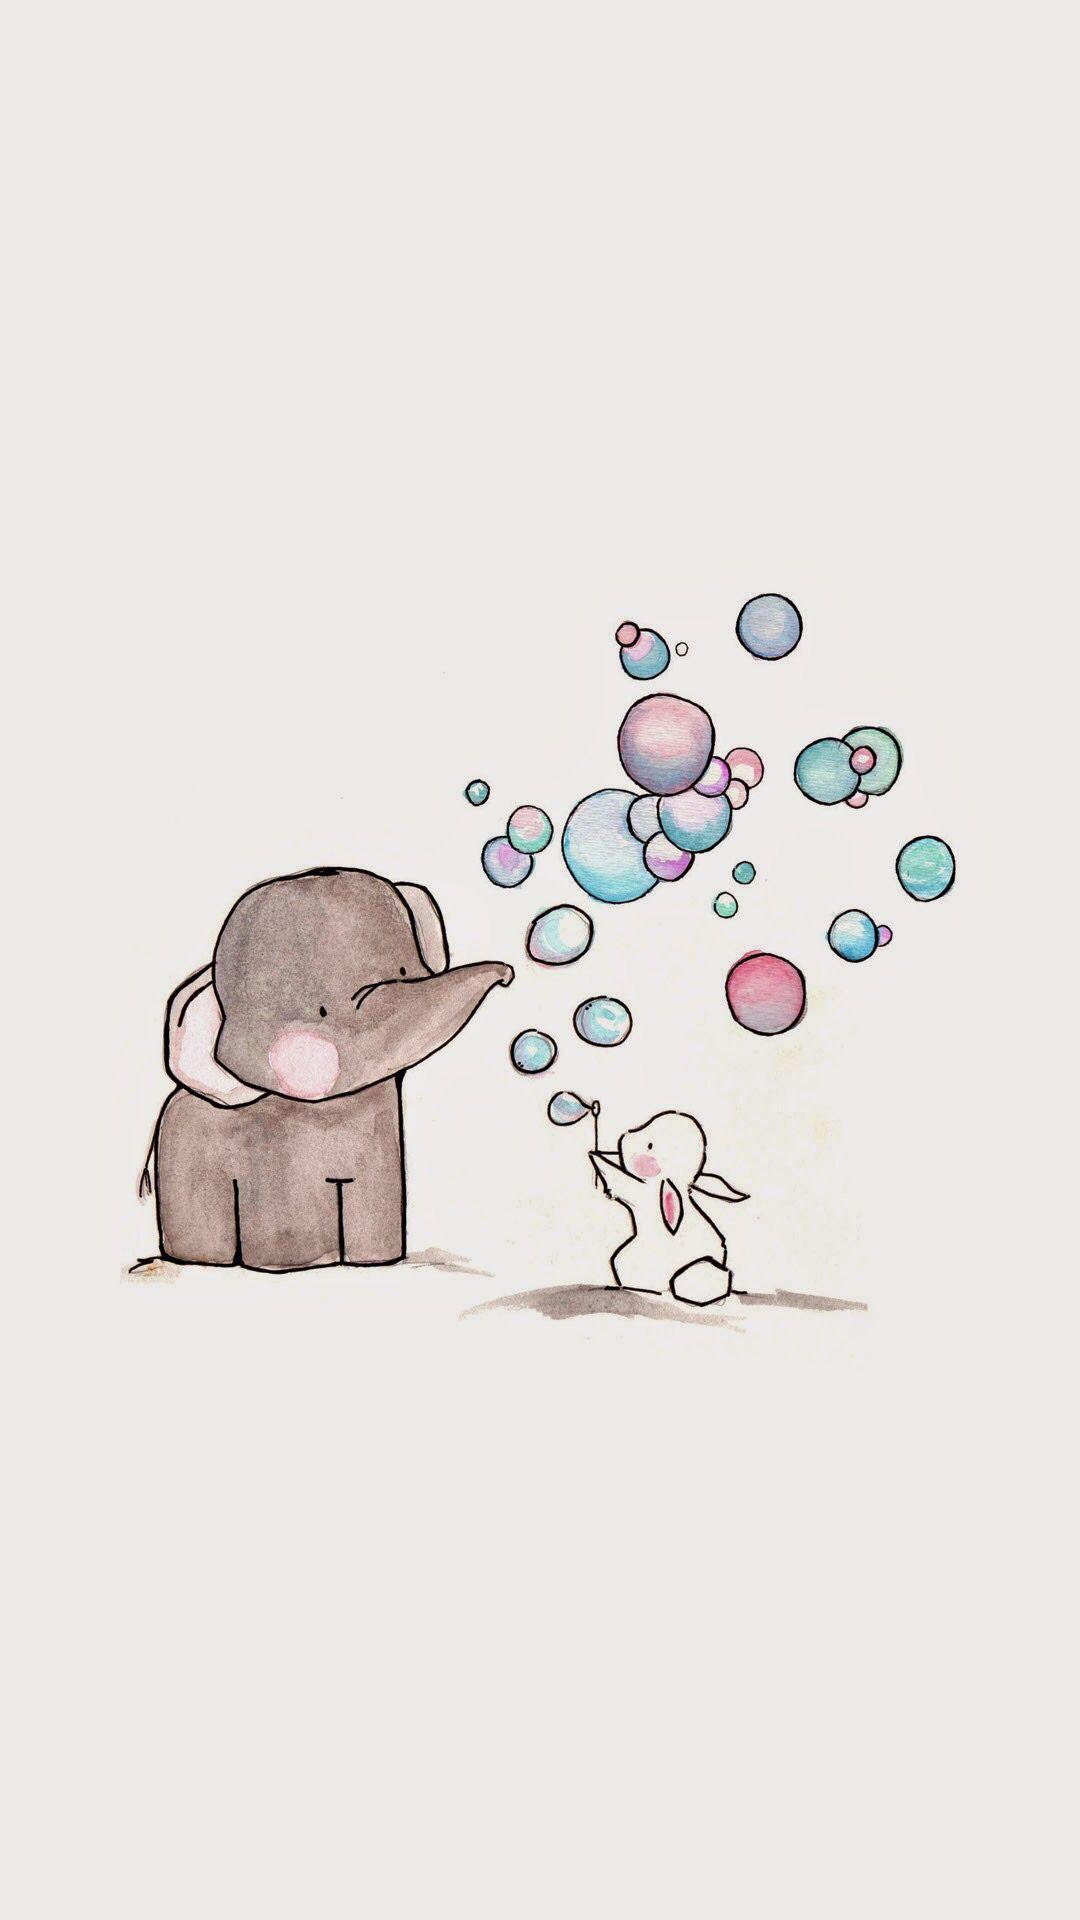 Elephant Bunny Rabbit Blowing Bubbles Art In 2019 Cute